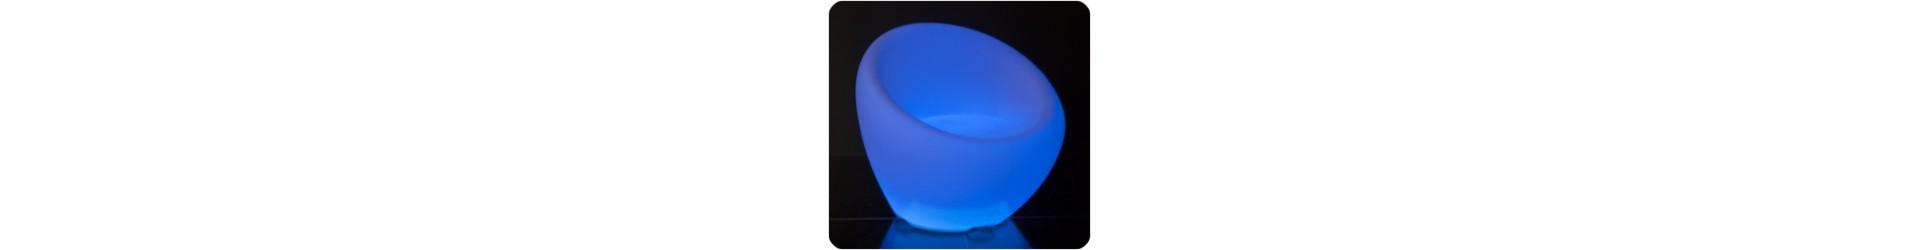 rendre votre barre plus pétillant, coloré et lumineux avec led ornements.